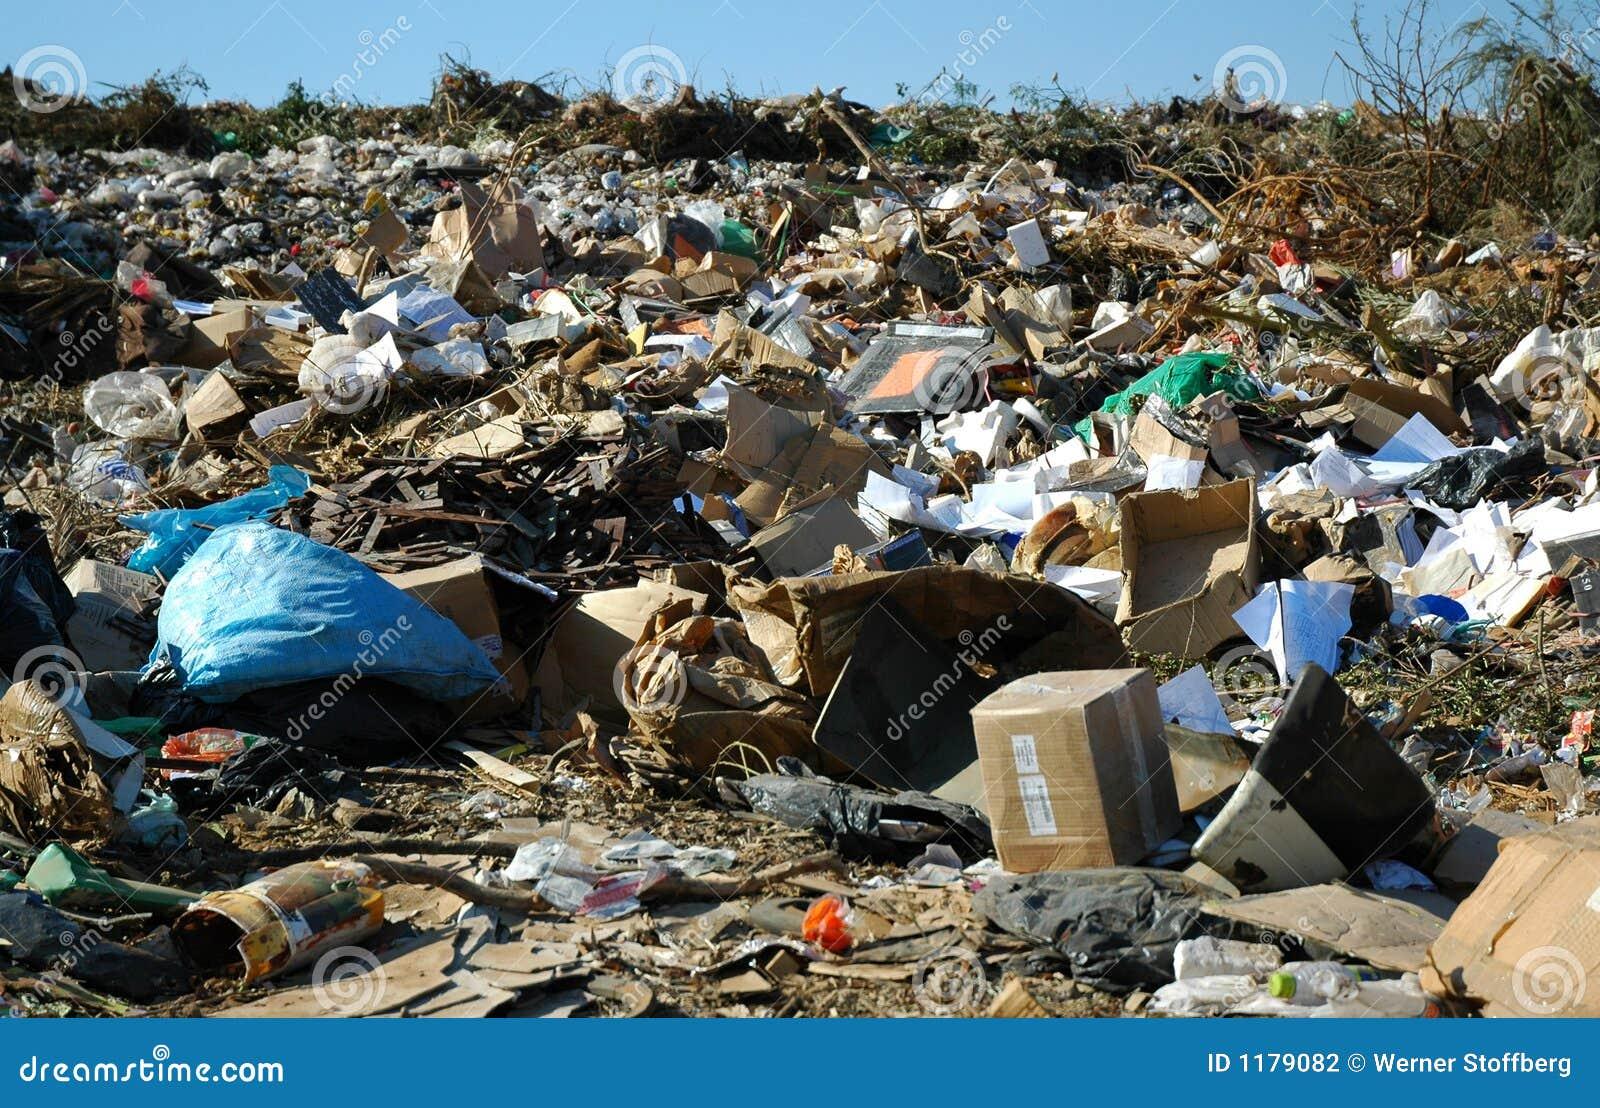 Miejsca usuwania odpadów,